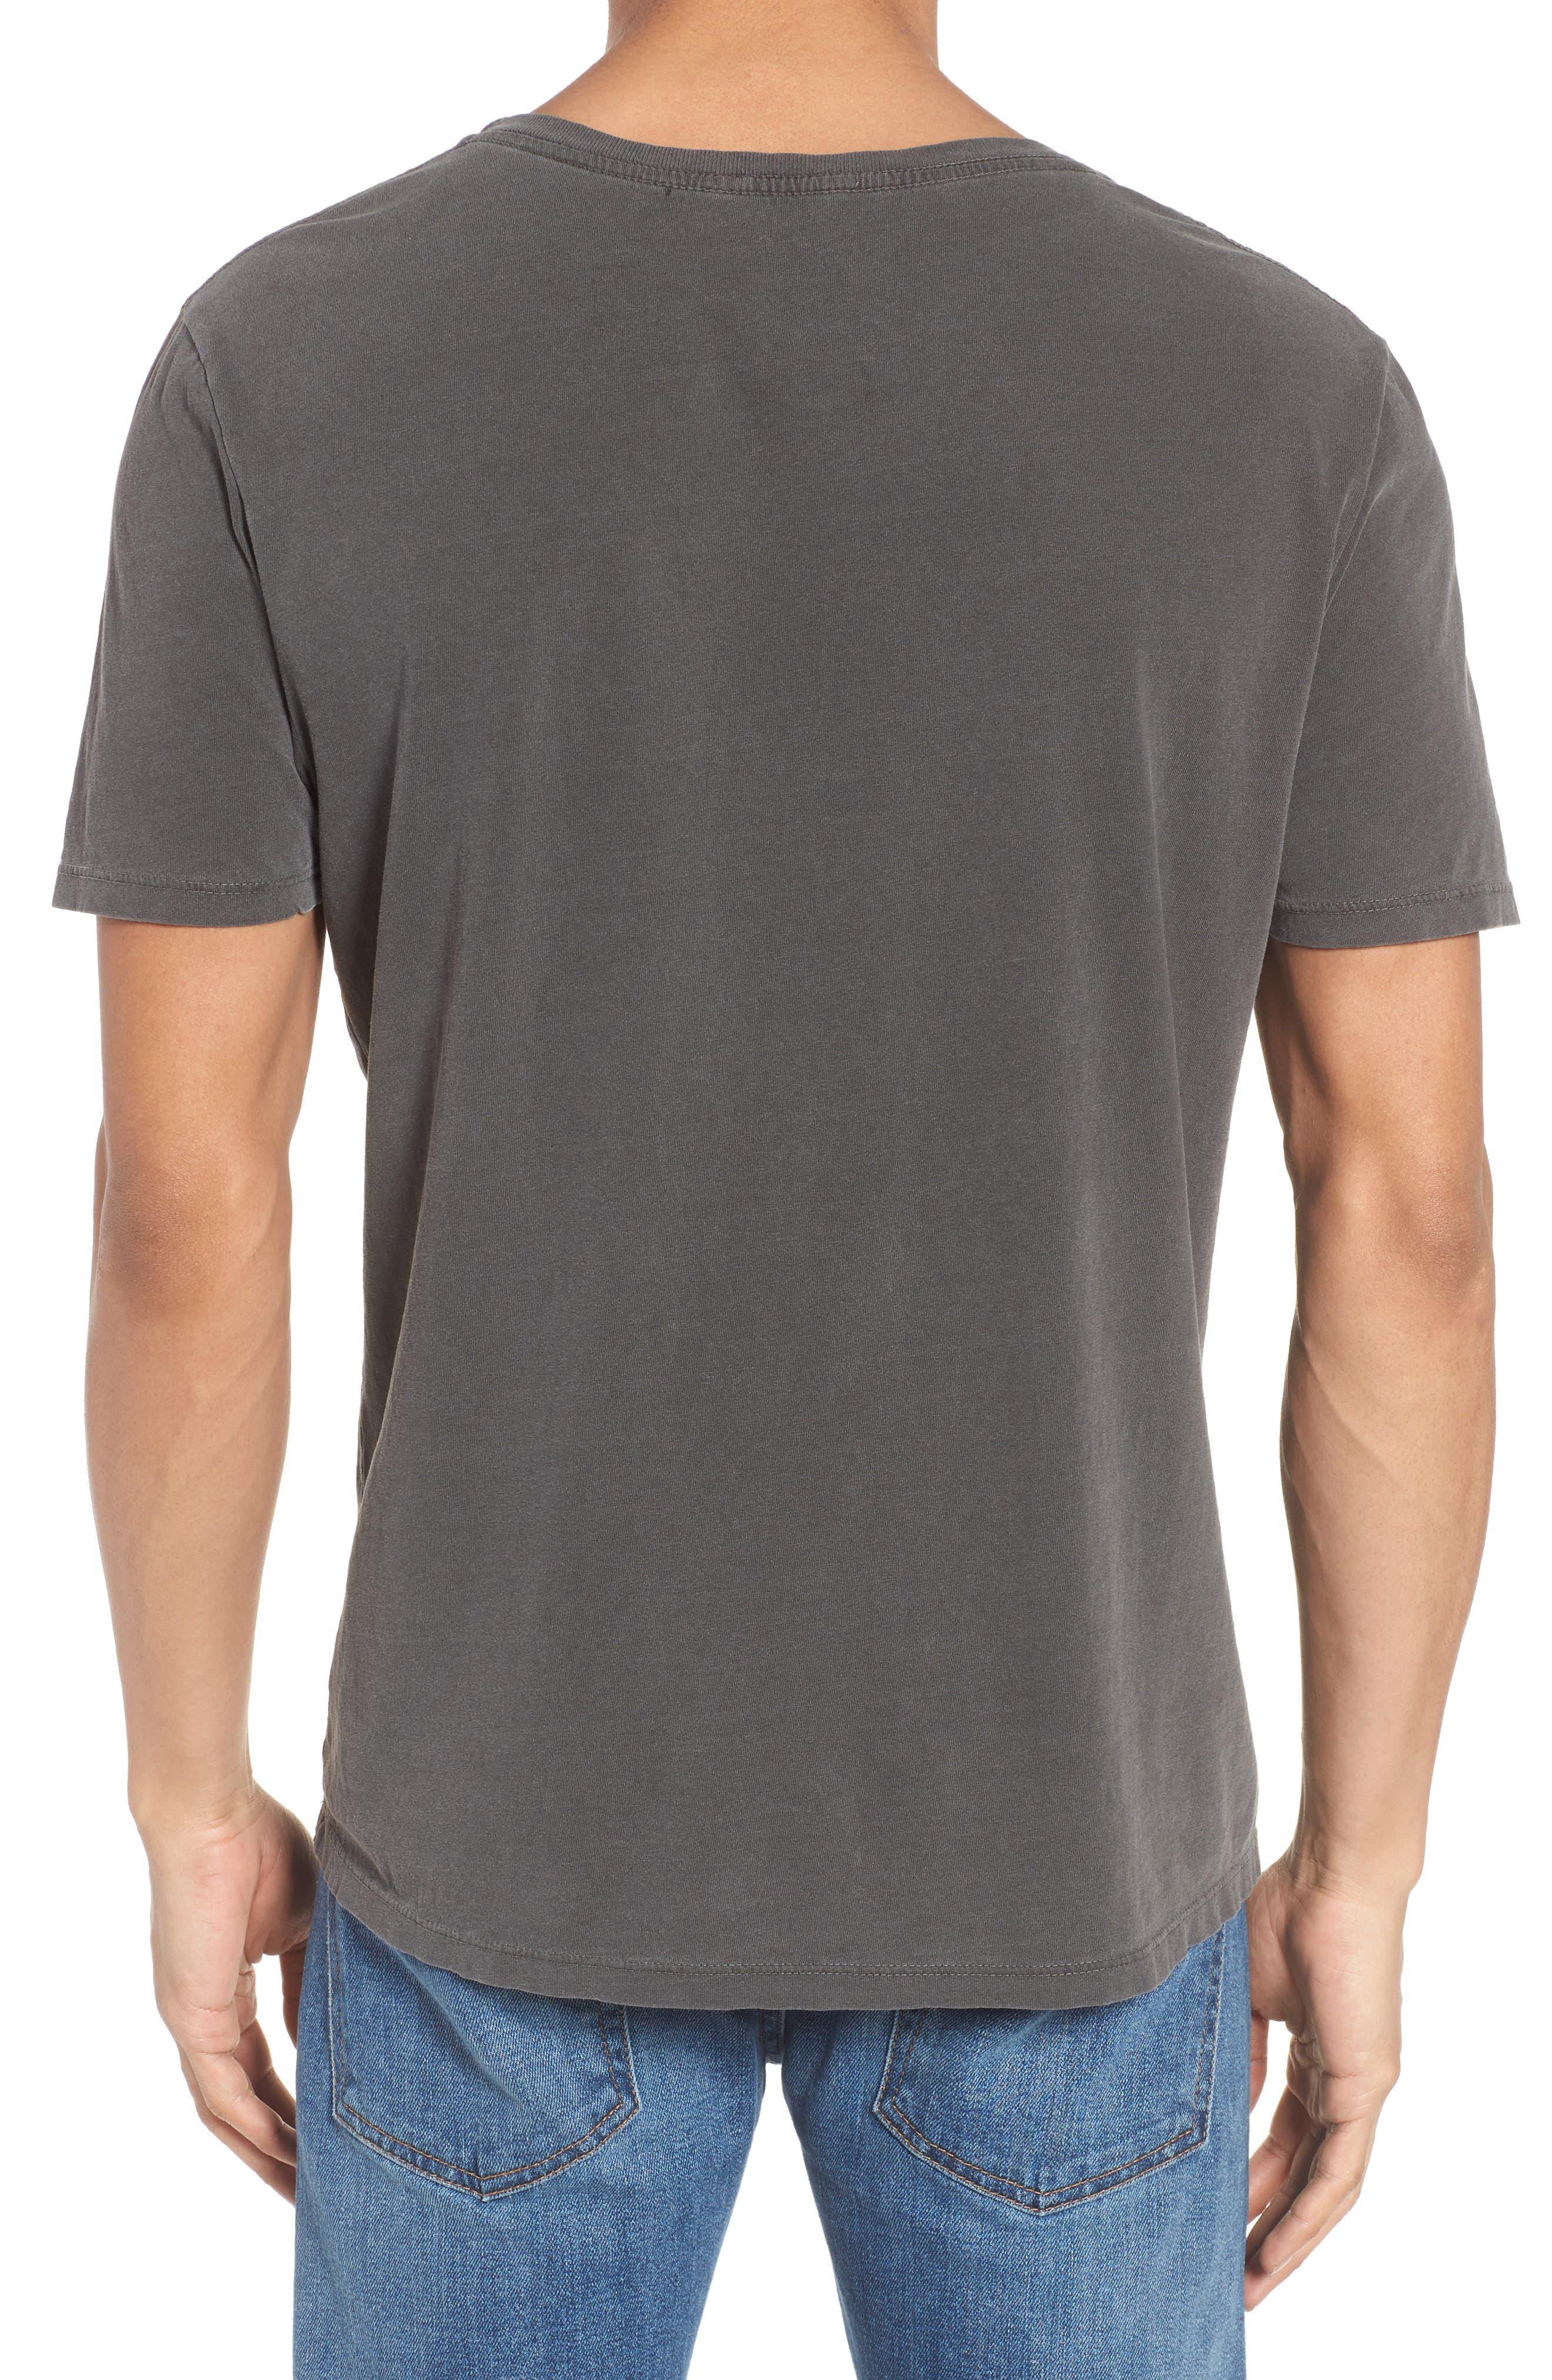 Melrose Place Vintage Graphic T-Shirt,                             Alternate thumbnail 2, color,                             Faded Noir